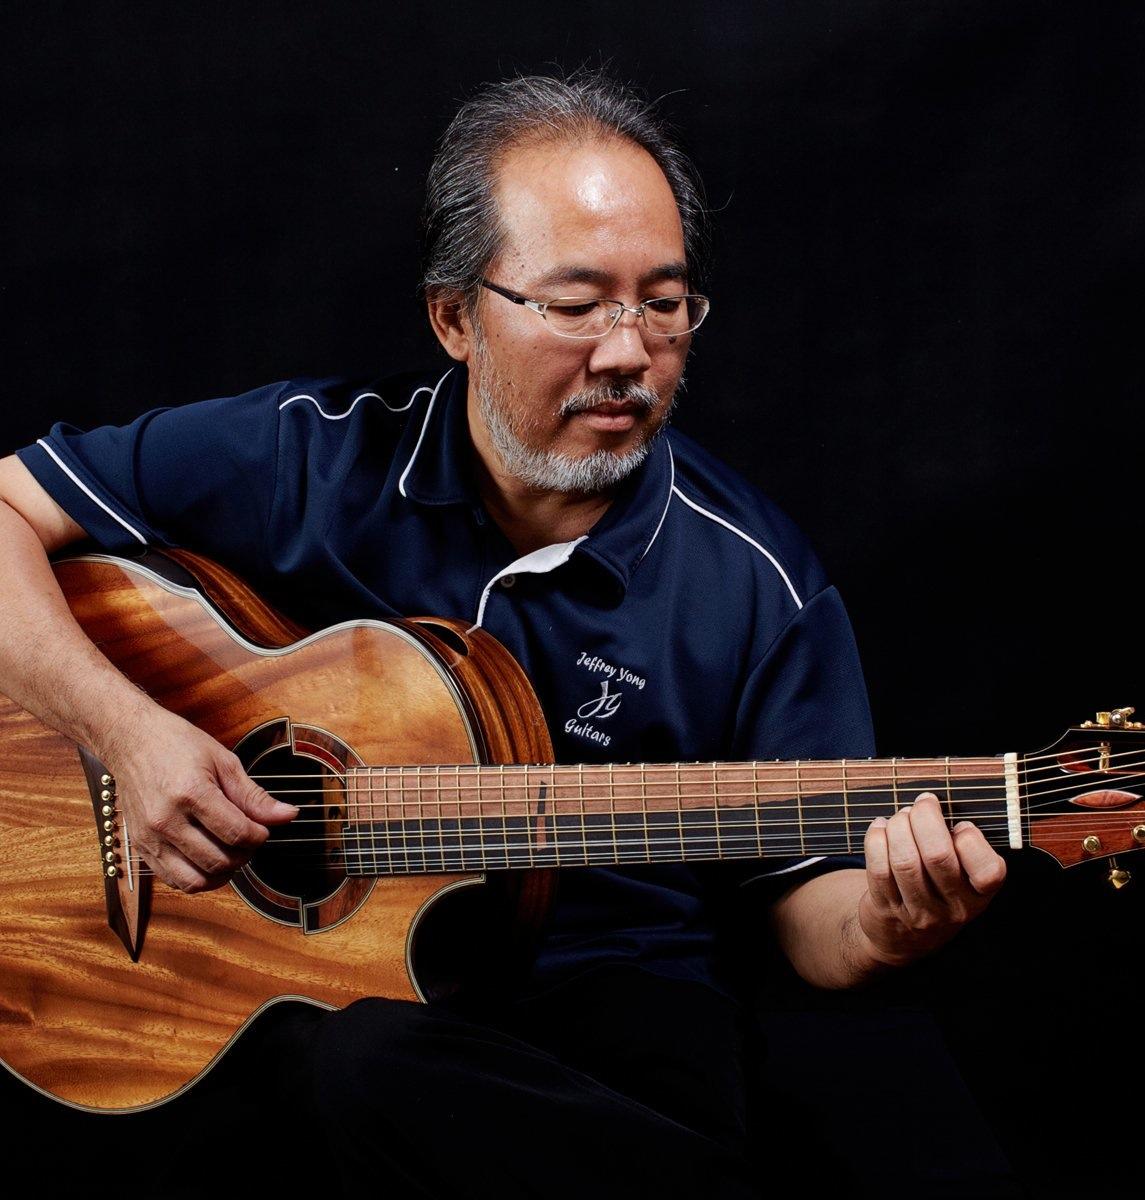 Guitar Whatsapp Wallpaper: Jeffrey Yong